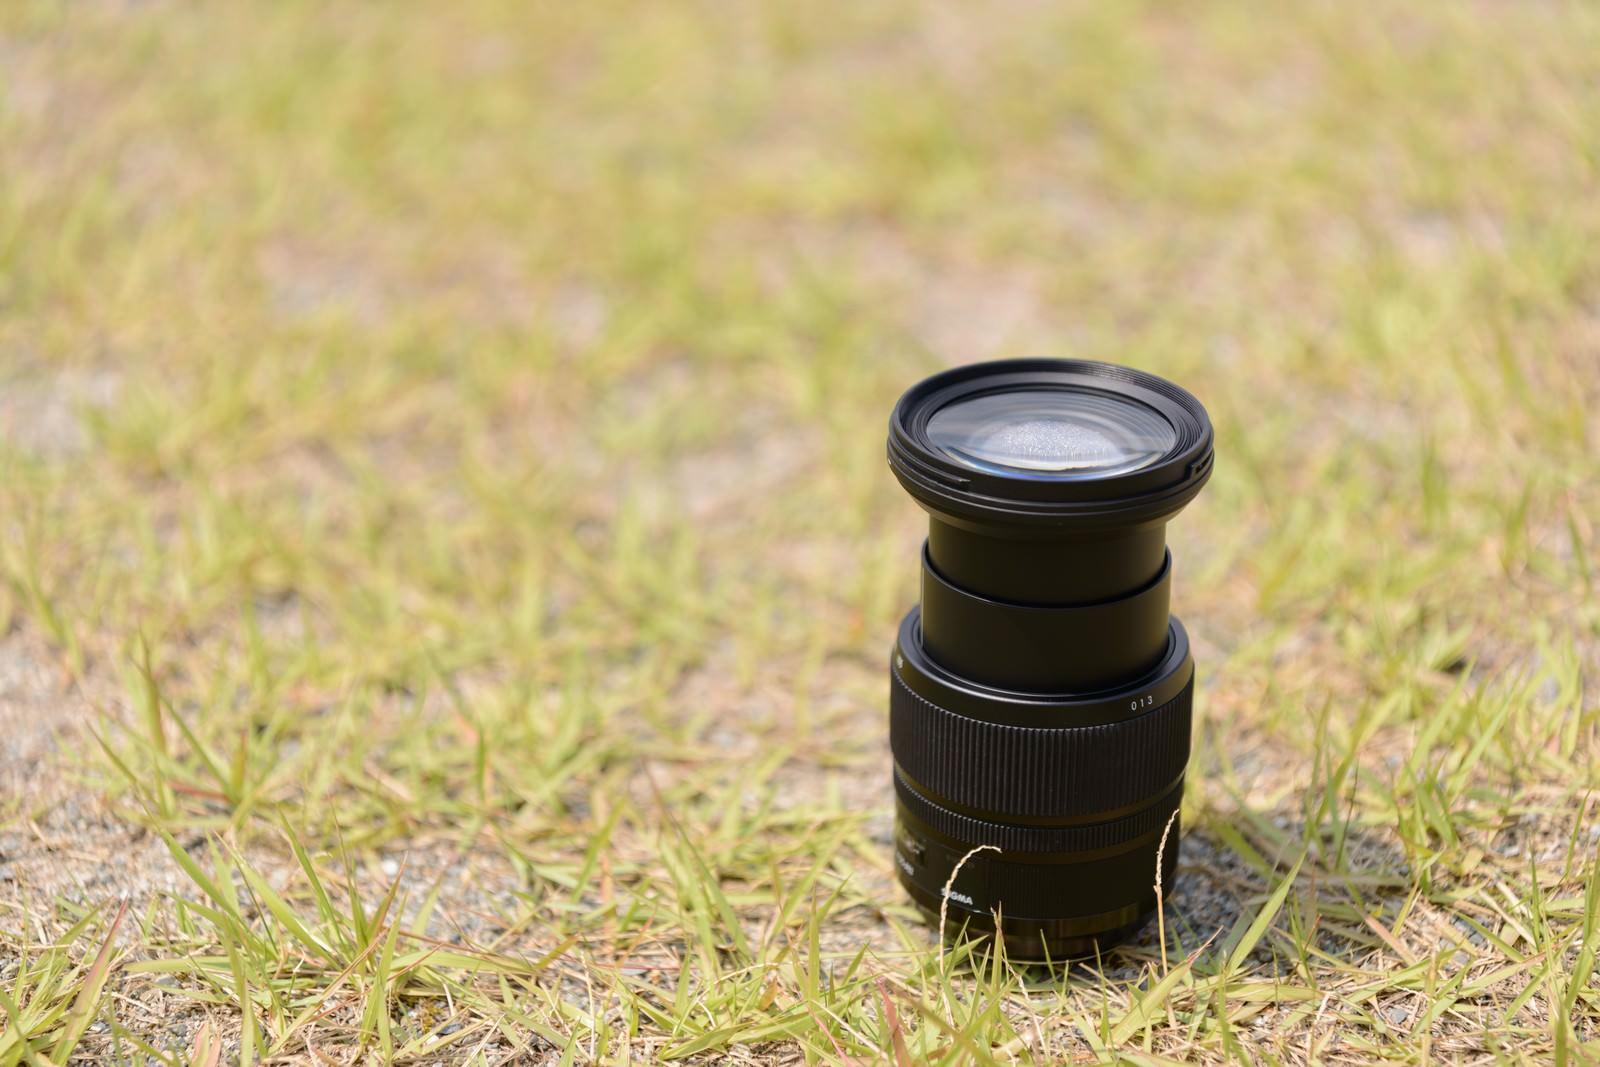 「水没したズームレンズを天日干し | 写真の無料素材・フリー素材 - ぱくたそ」の写真